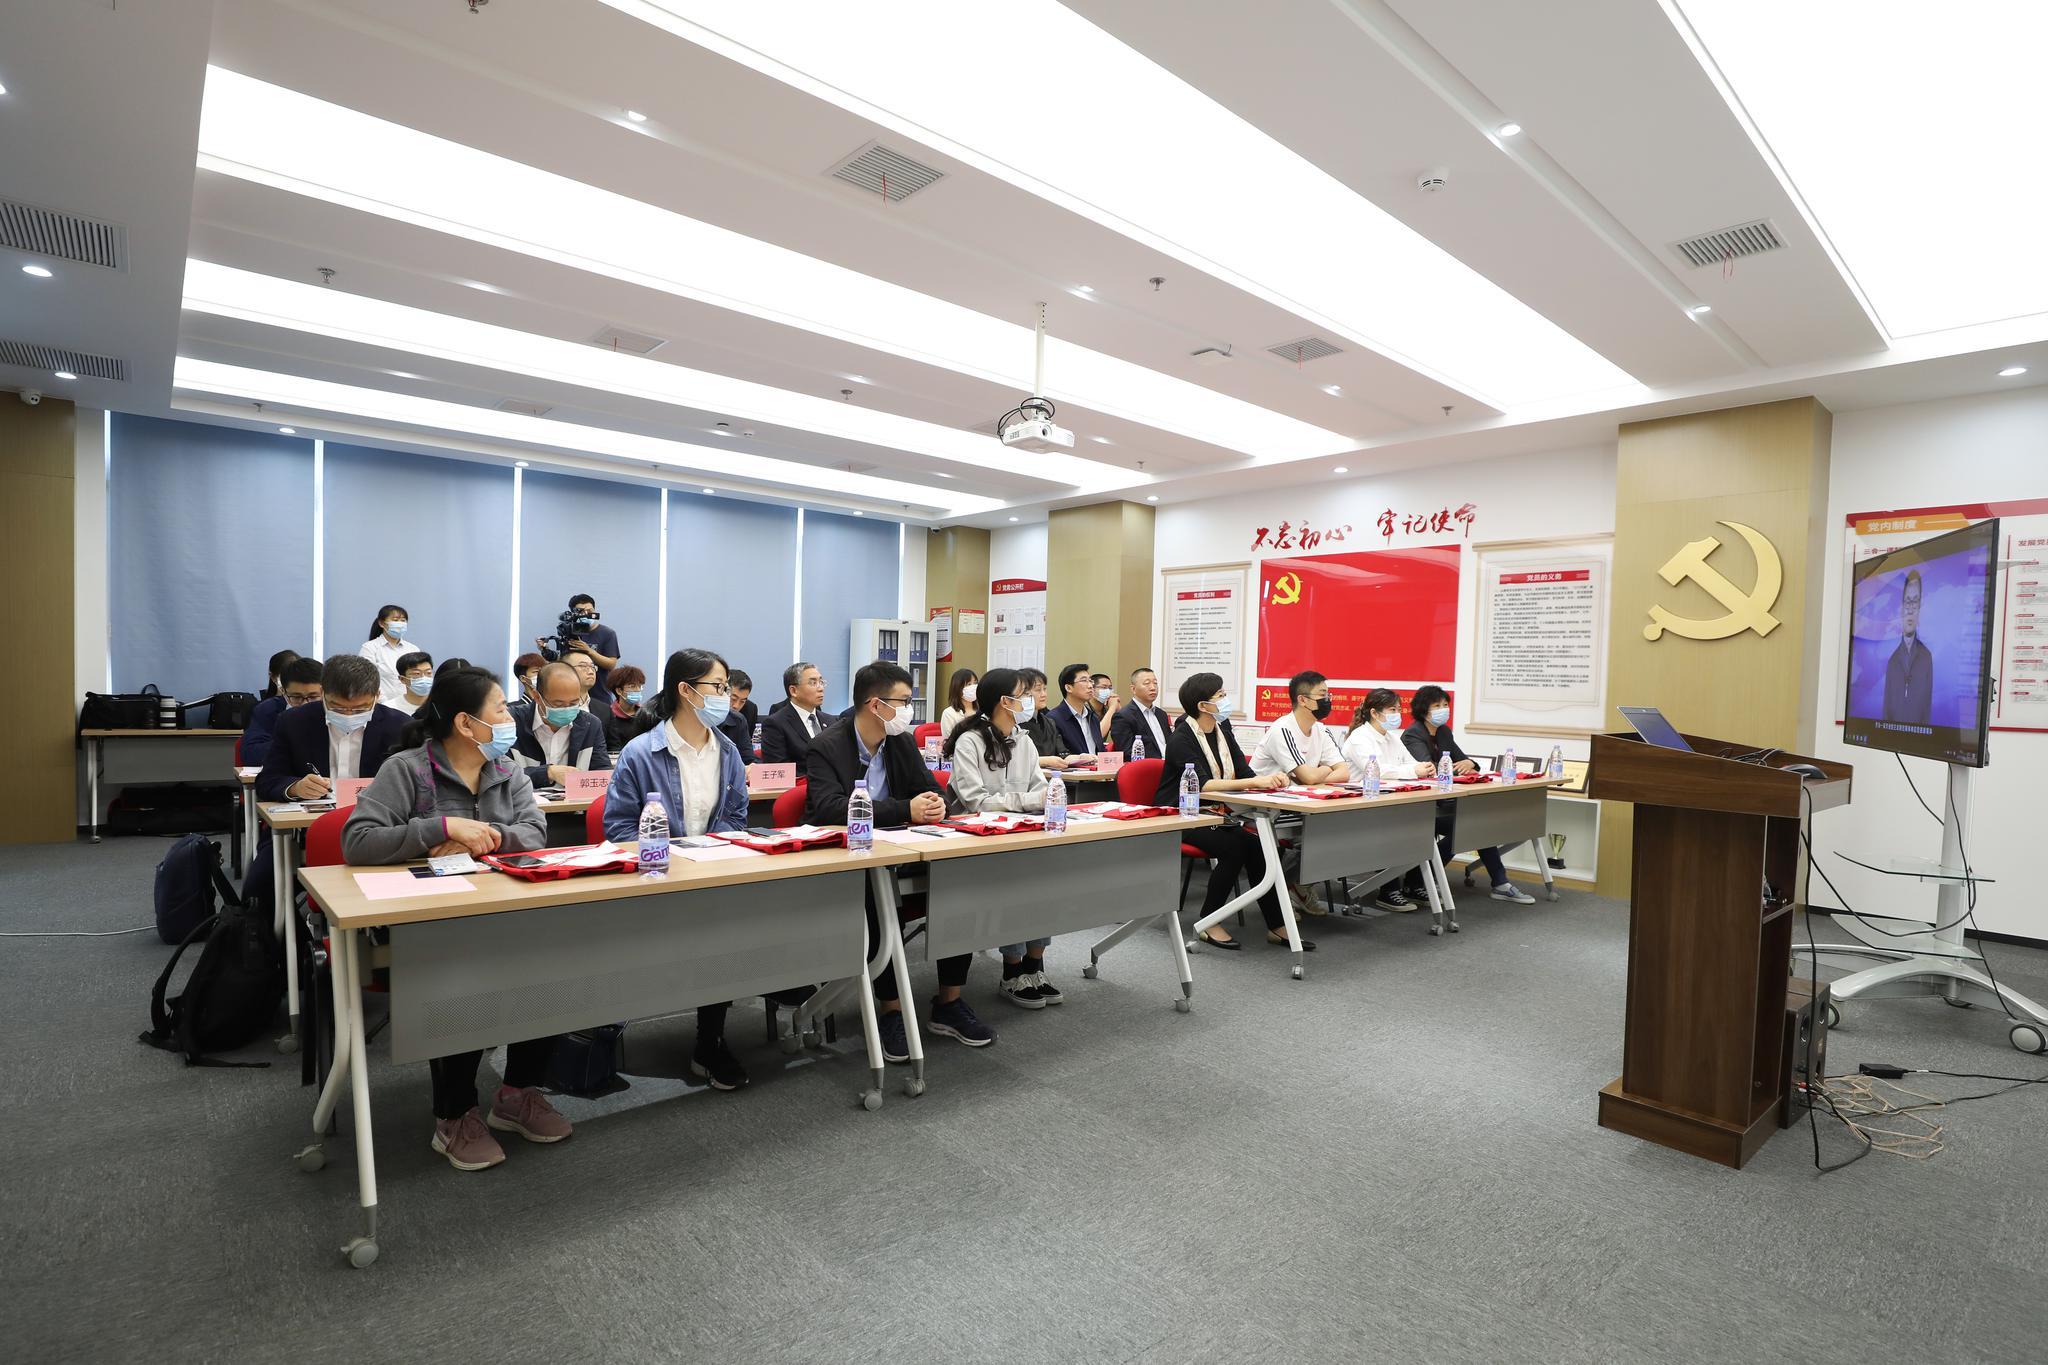 """第三届""""5.19中小投资者保护宣传周""""活动走进渤海证券 投资者保护工作落到实处需各方通力合作"""